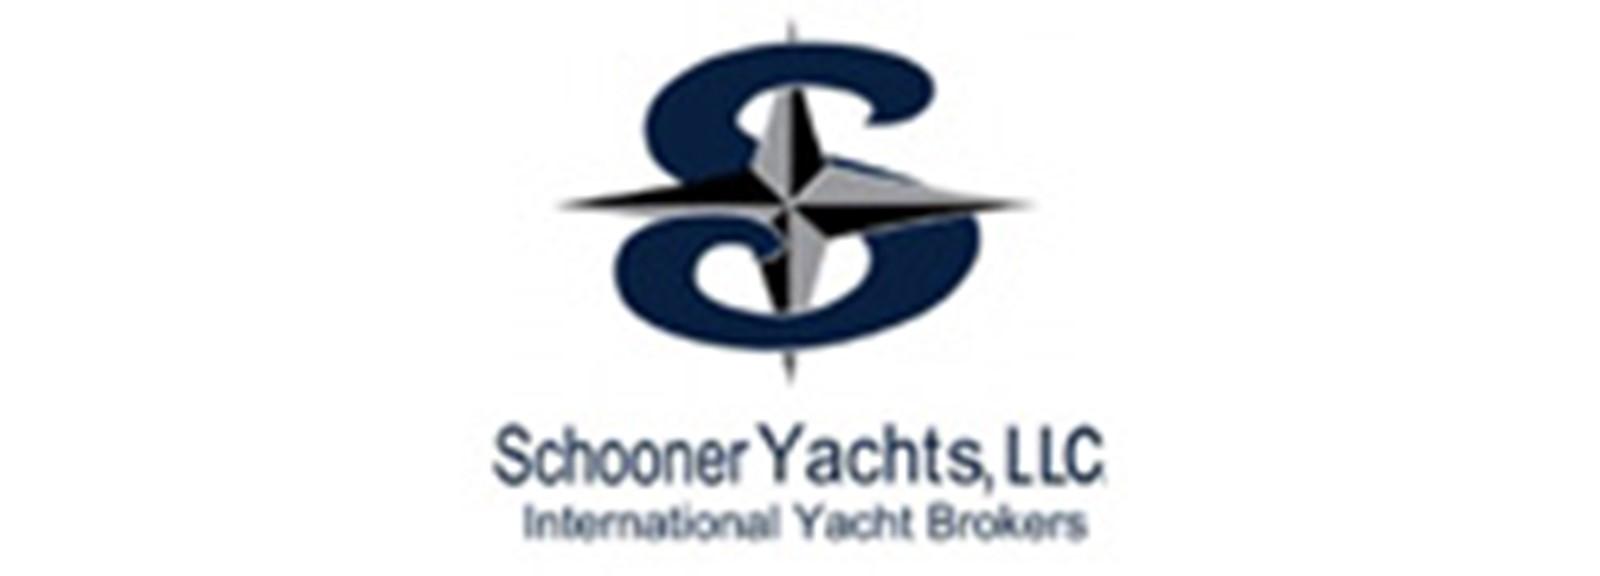 Schooner Yacht Sales and Brokerage, LLC.